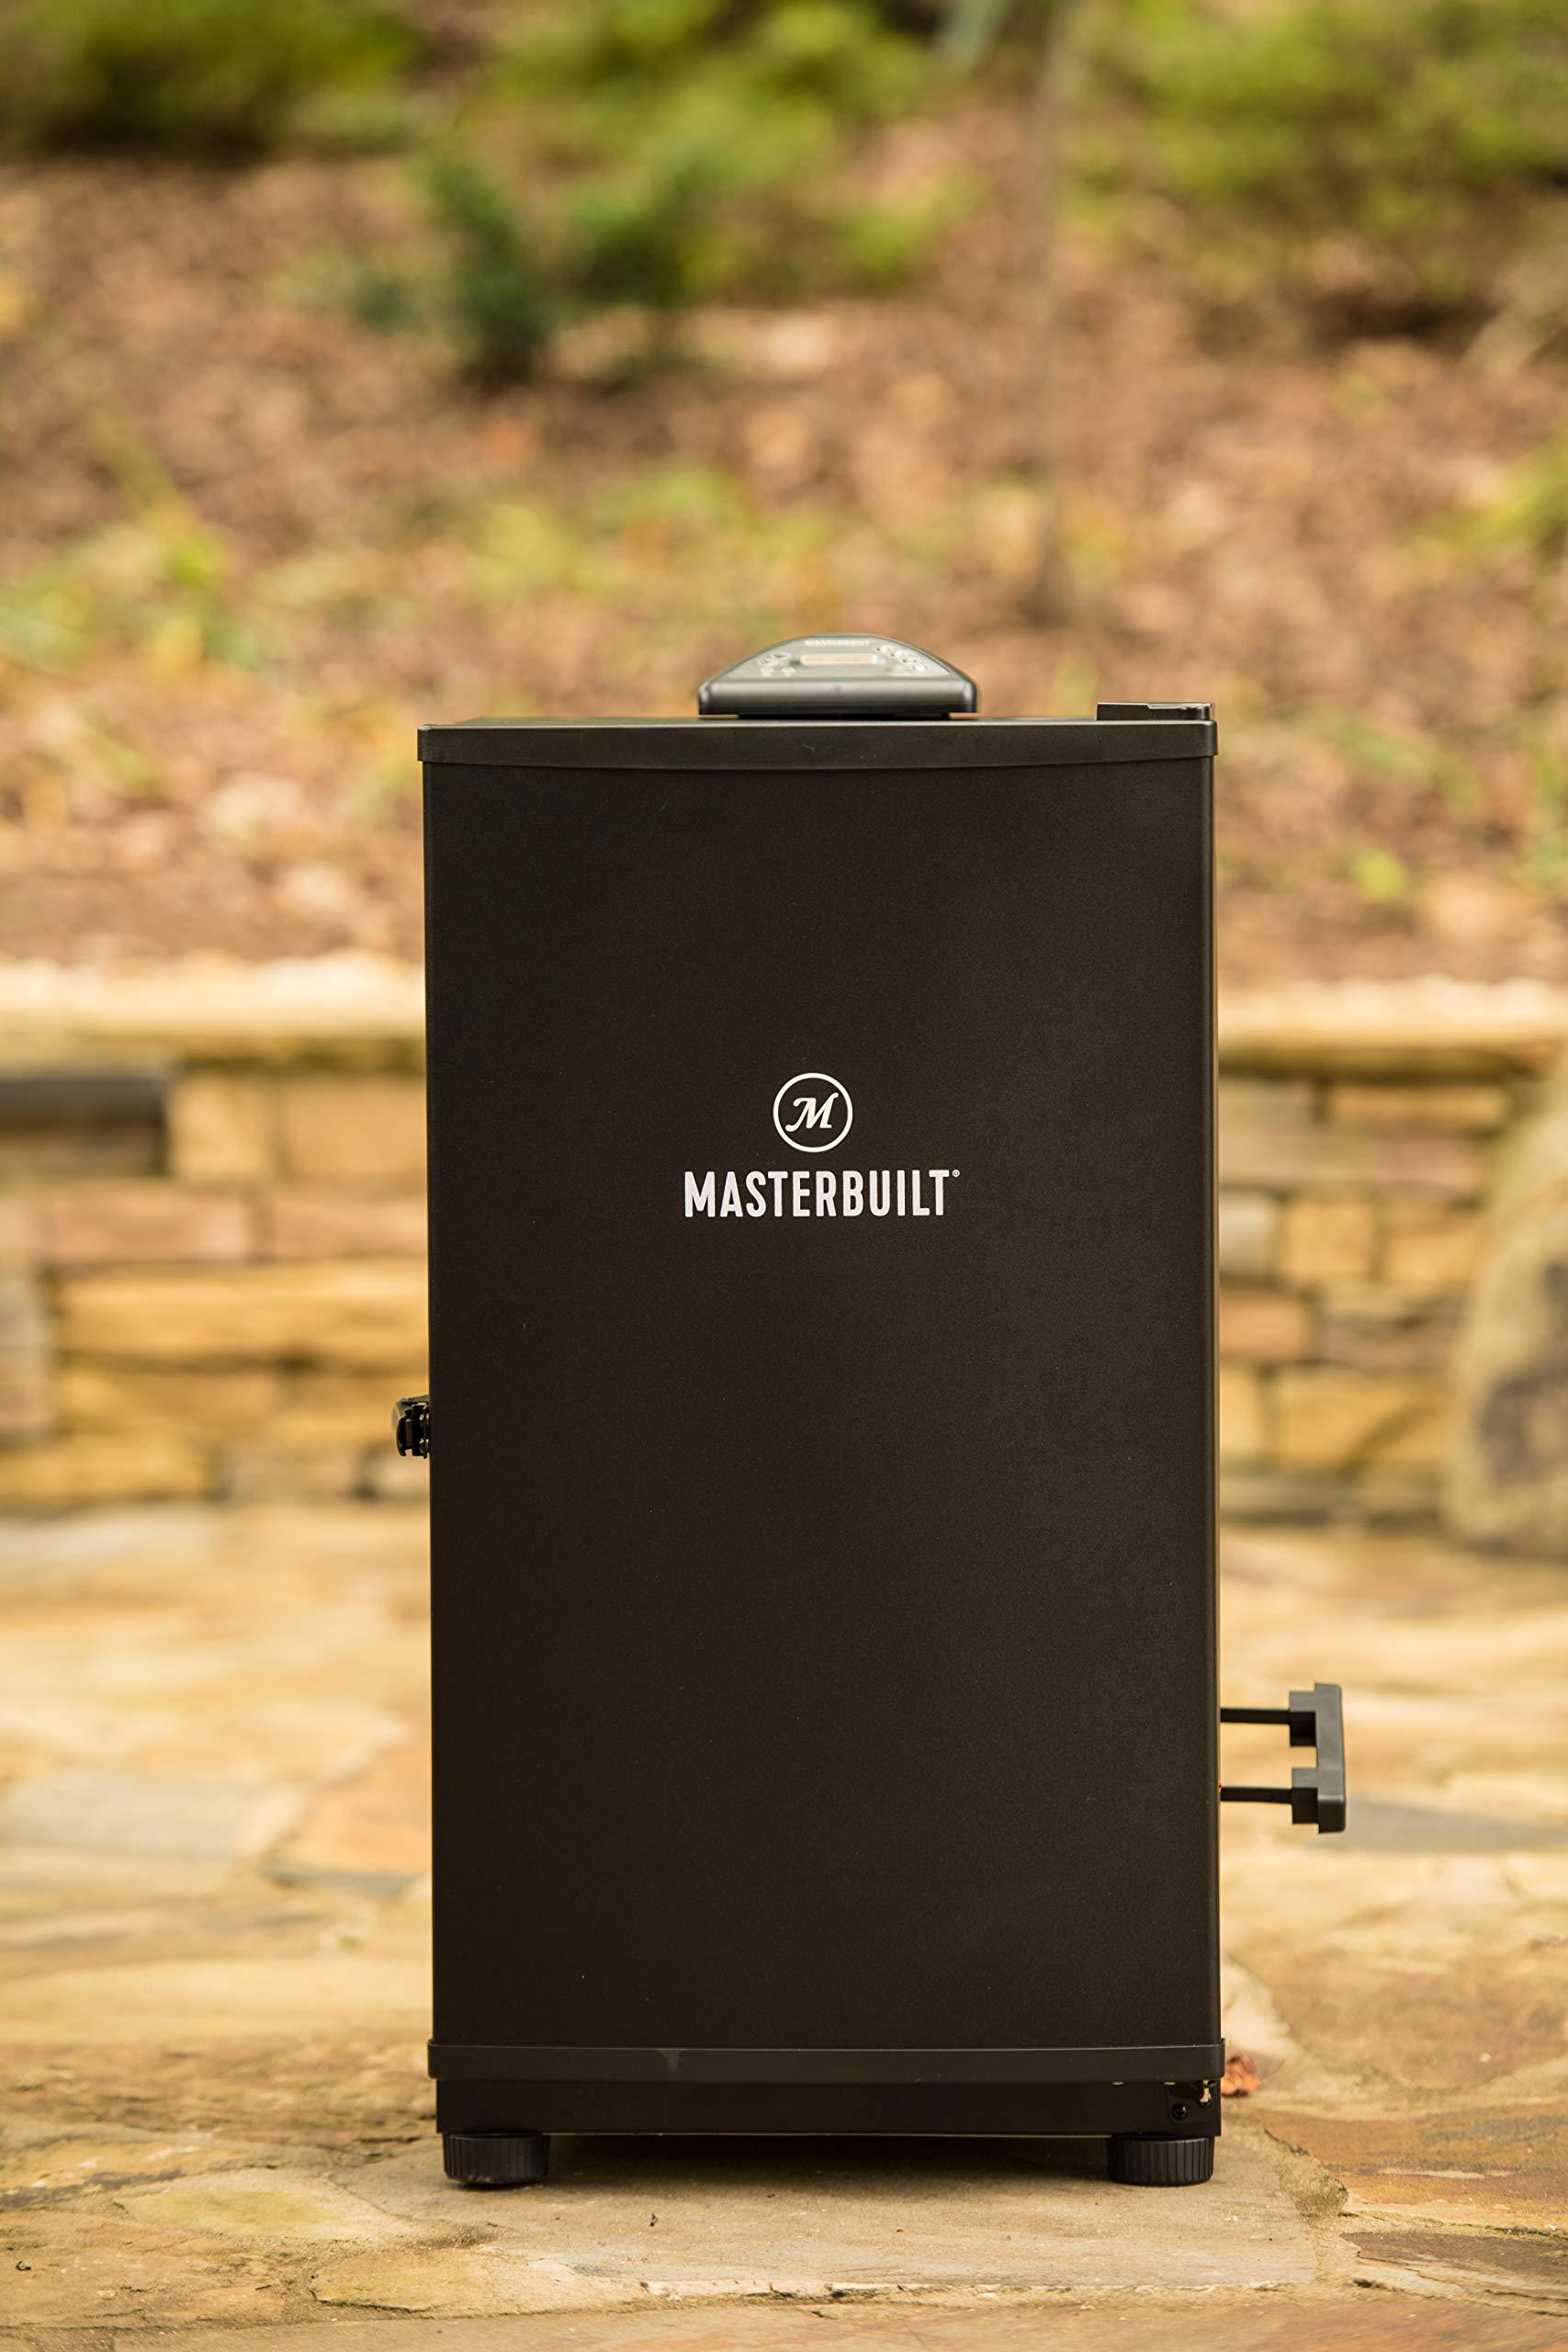 Masterbuilt MB20071117 Digital Electric Smoker in Backyard